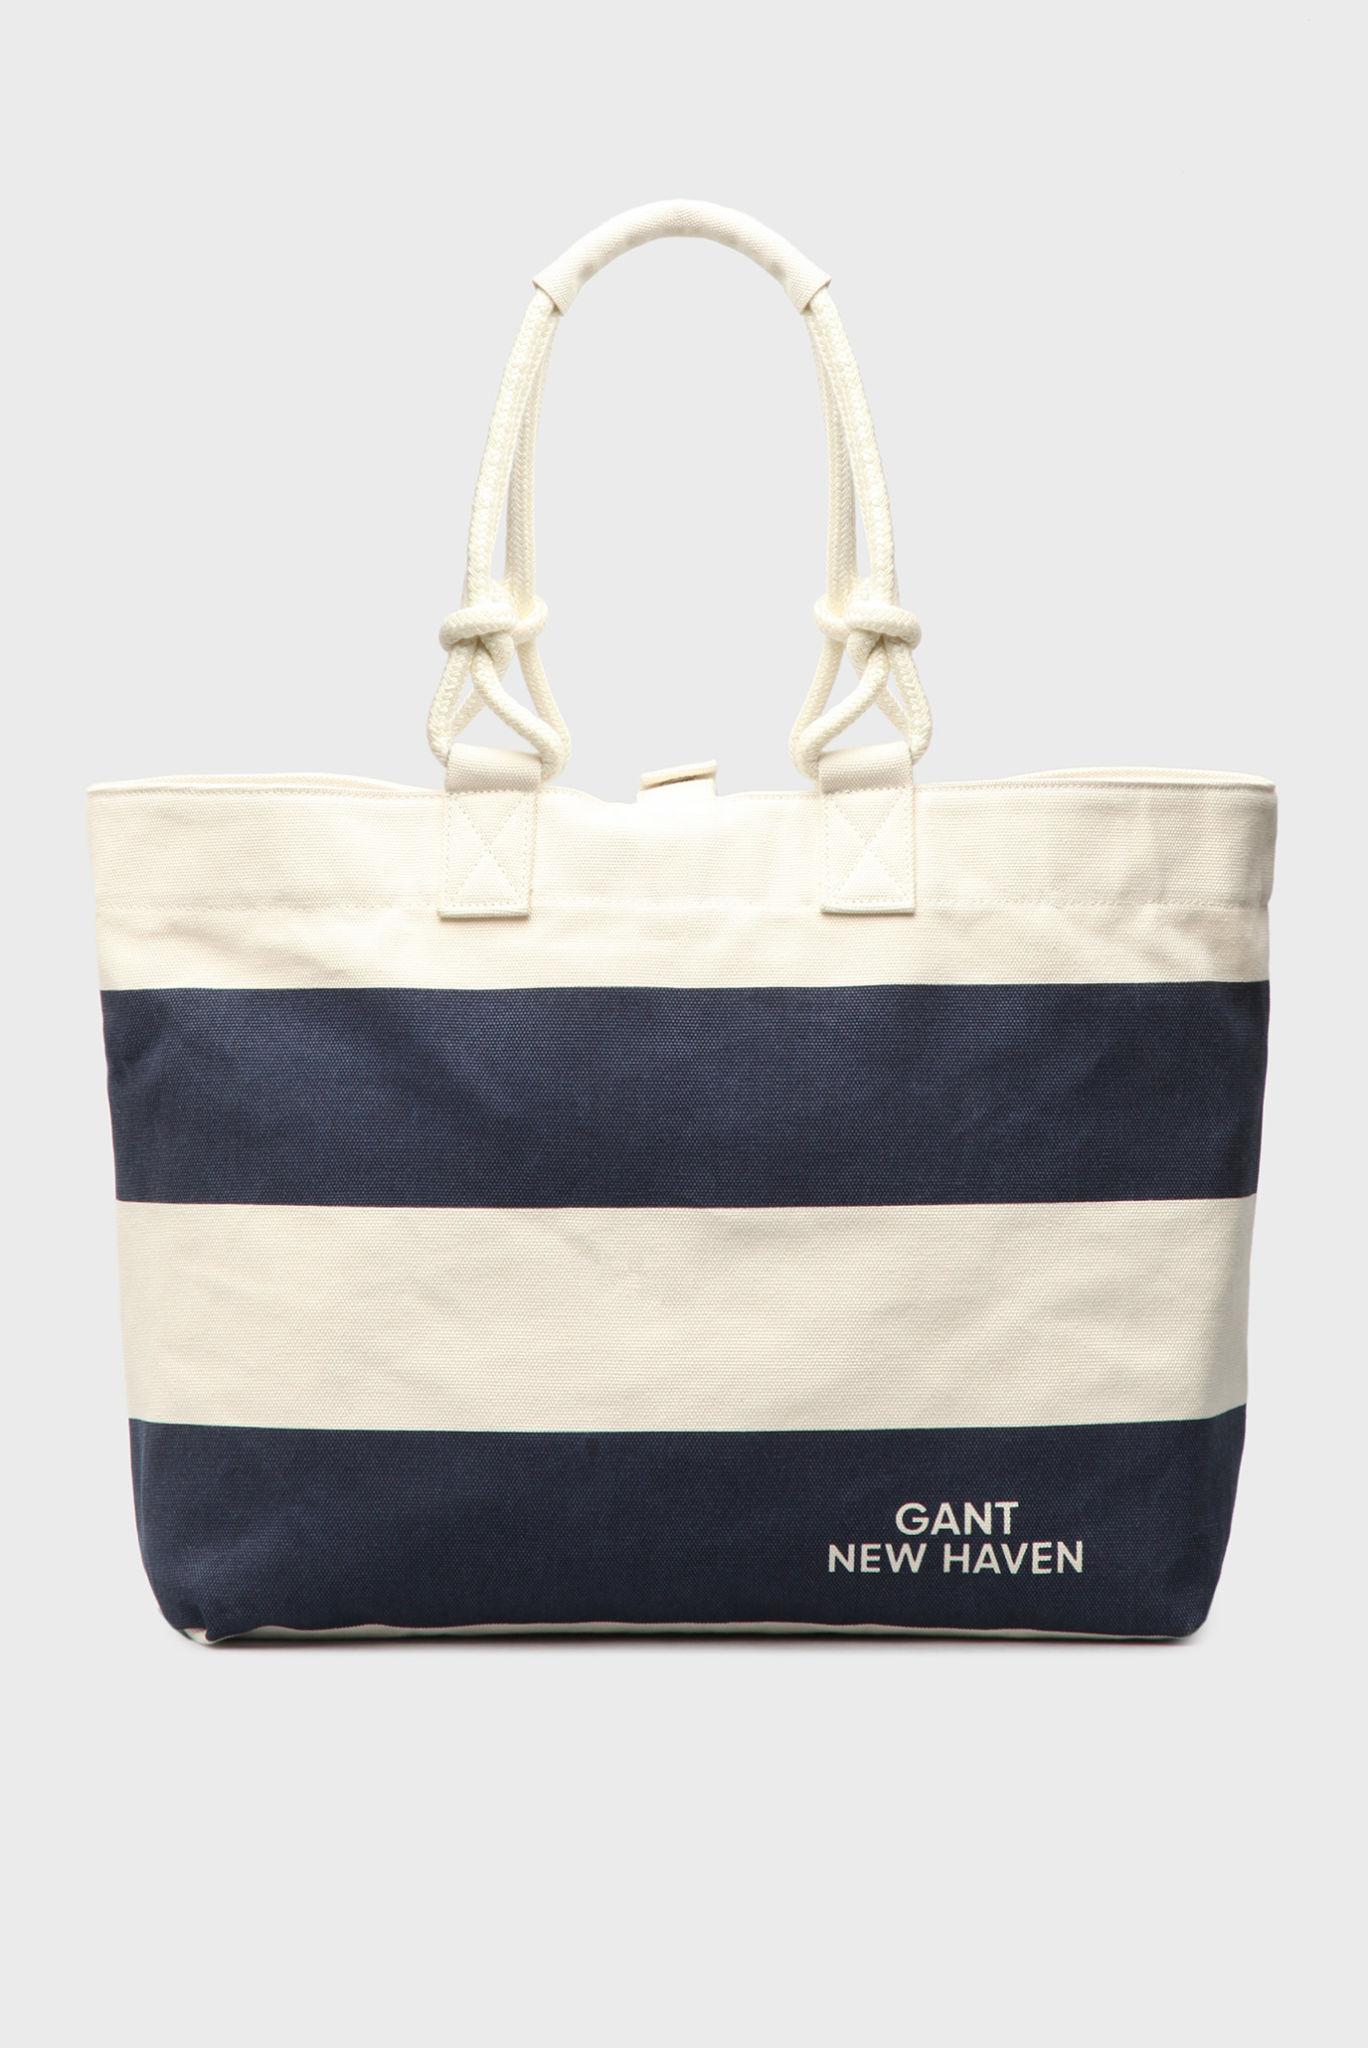 сумки 2018 года модные тенденции: пляжная черная с белым полоска